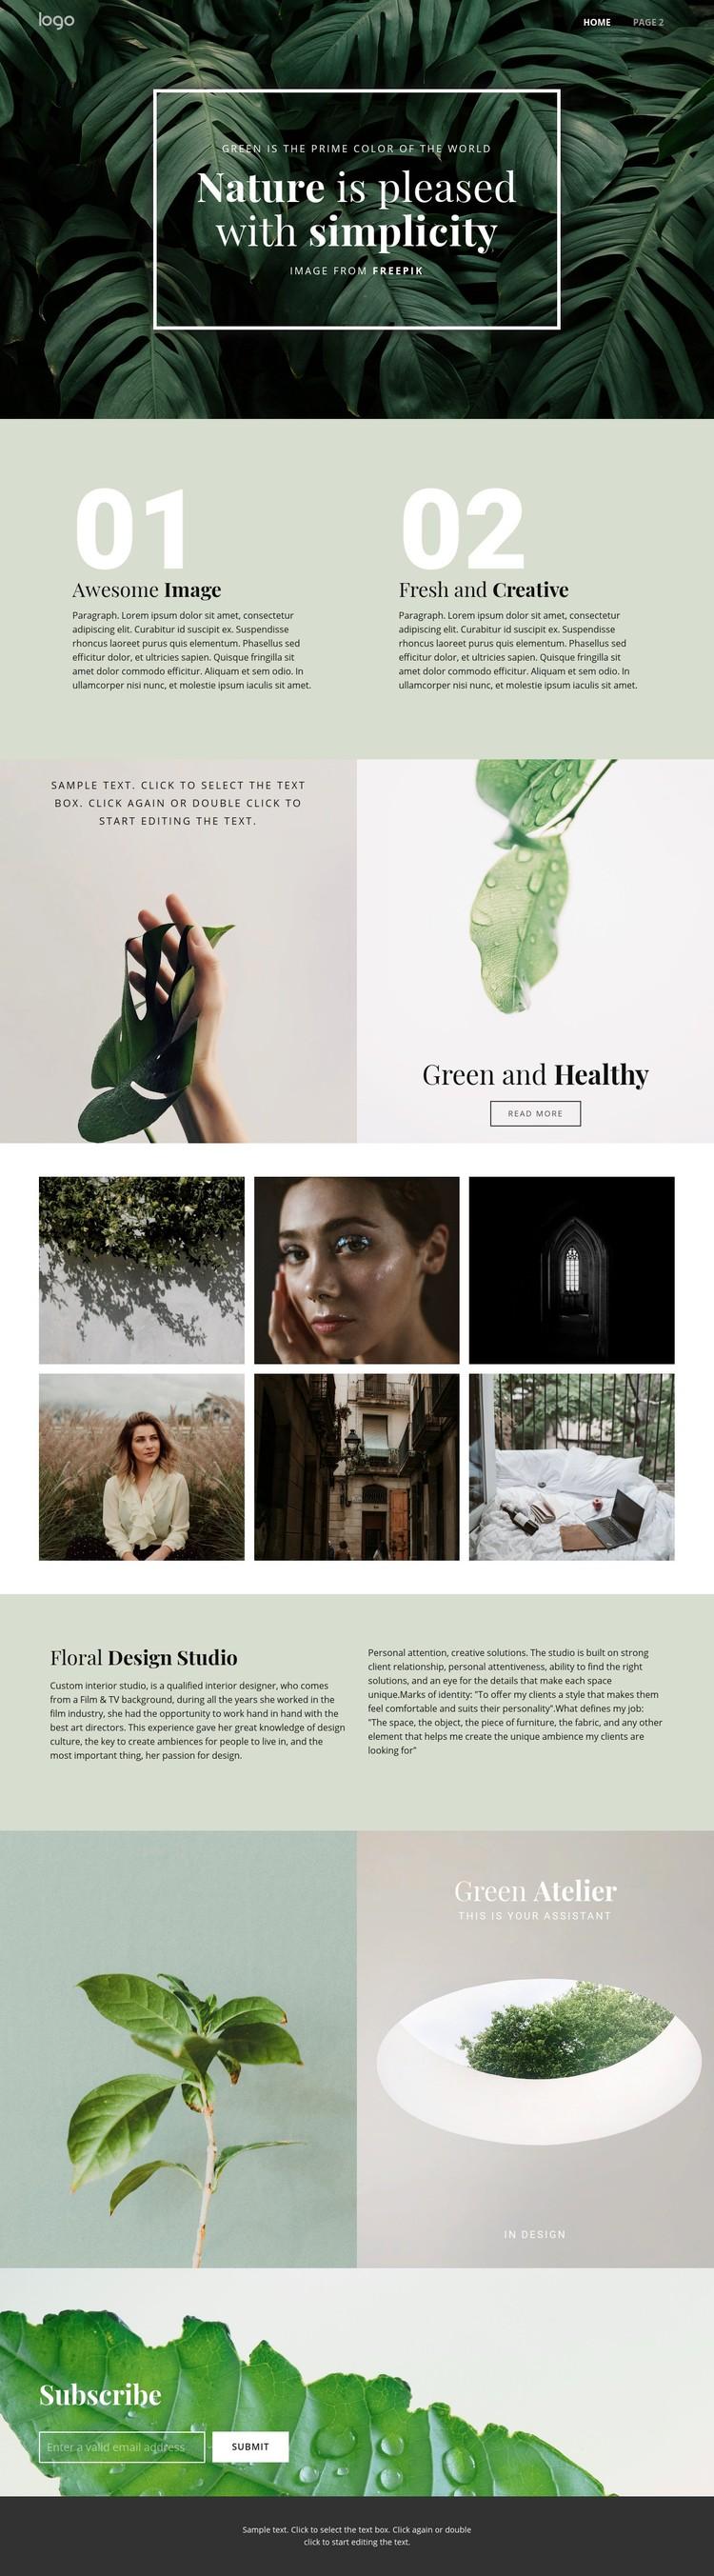 Beauty simplicity of nature Website Creator